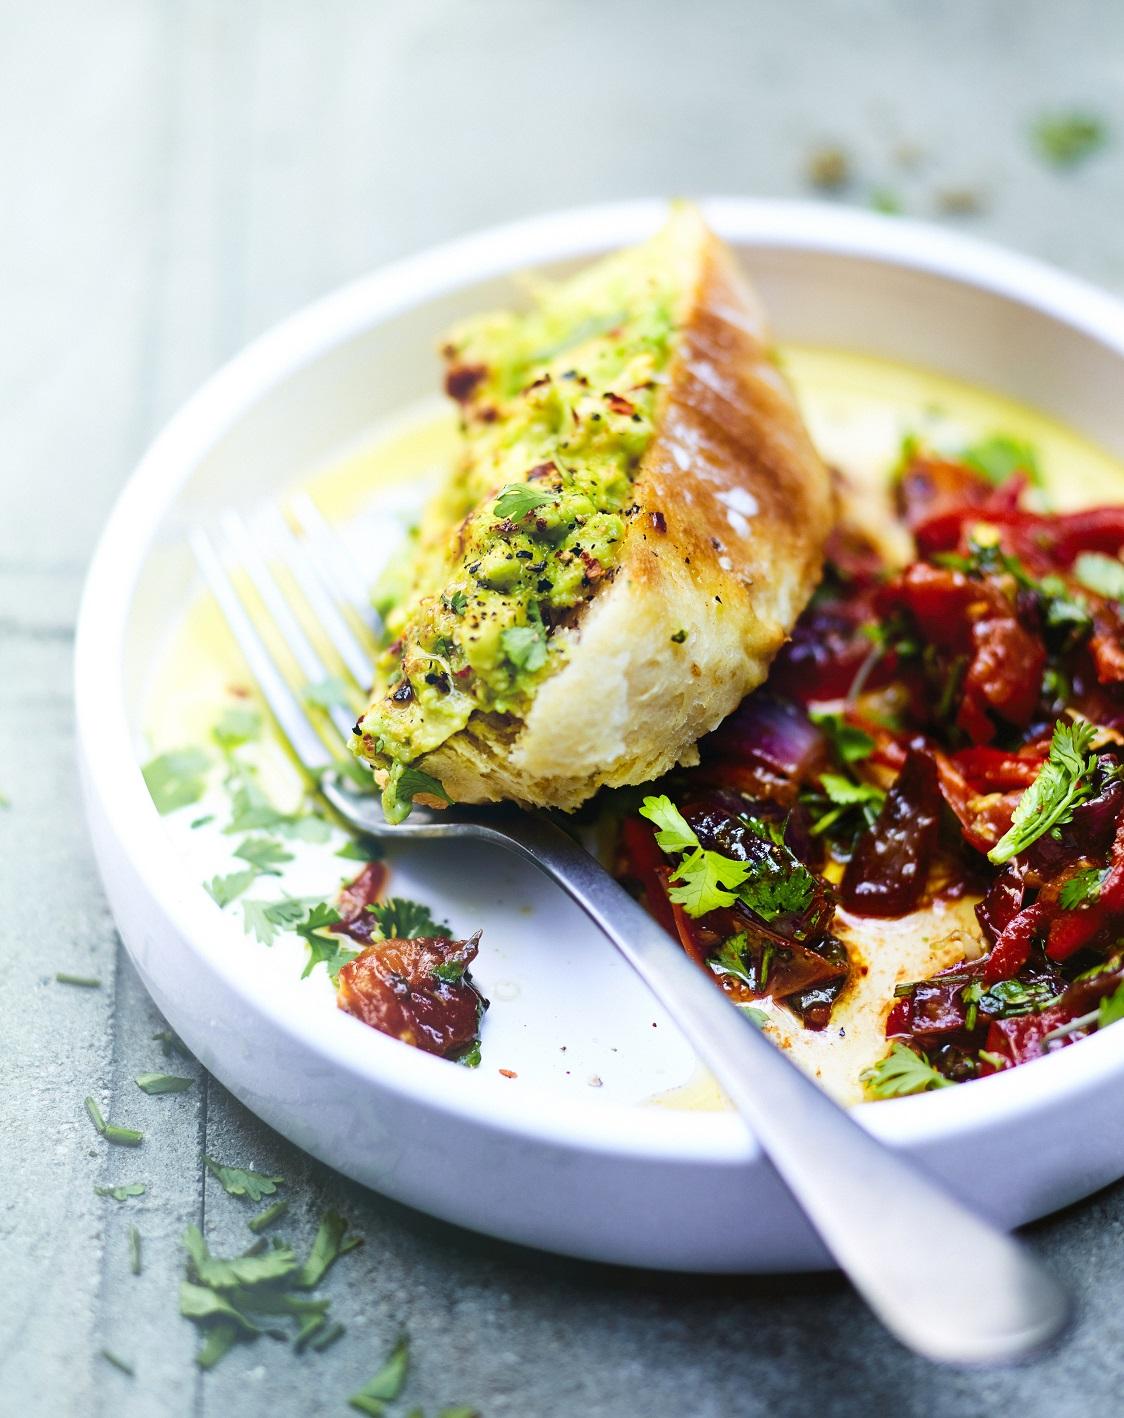 Buns l avocat tomates et coriandre 23 recettes d avocat qui ne font pas grossir elle table - Salade qui ne gele pas ...